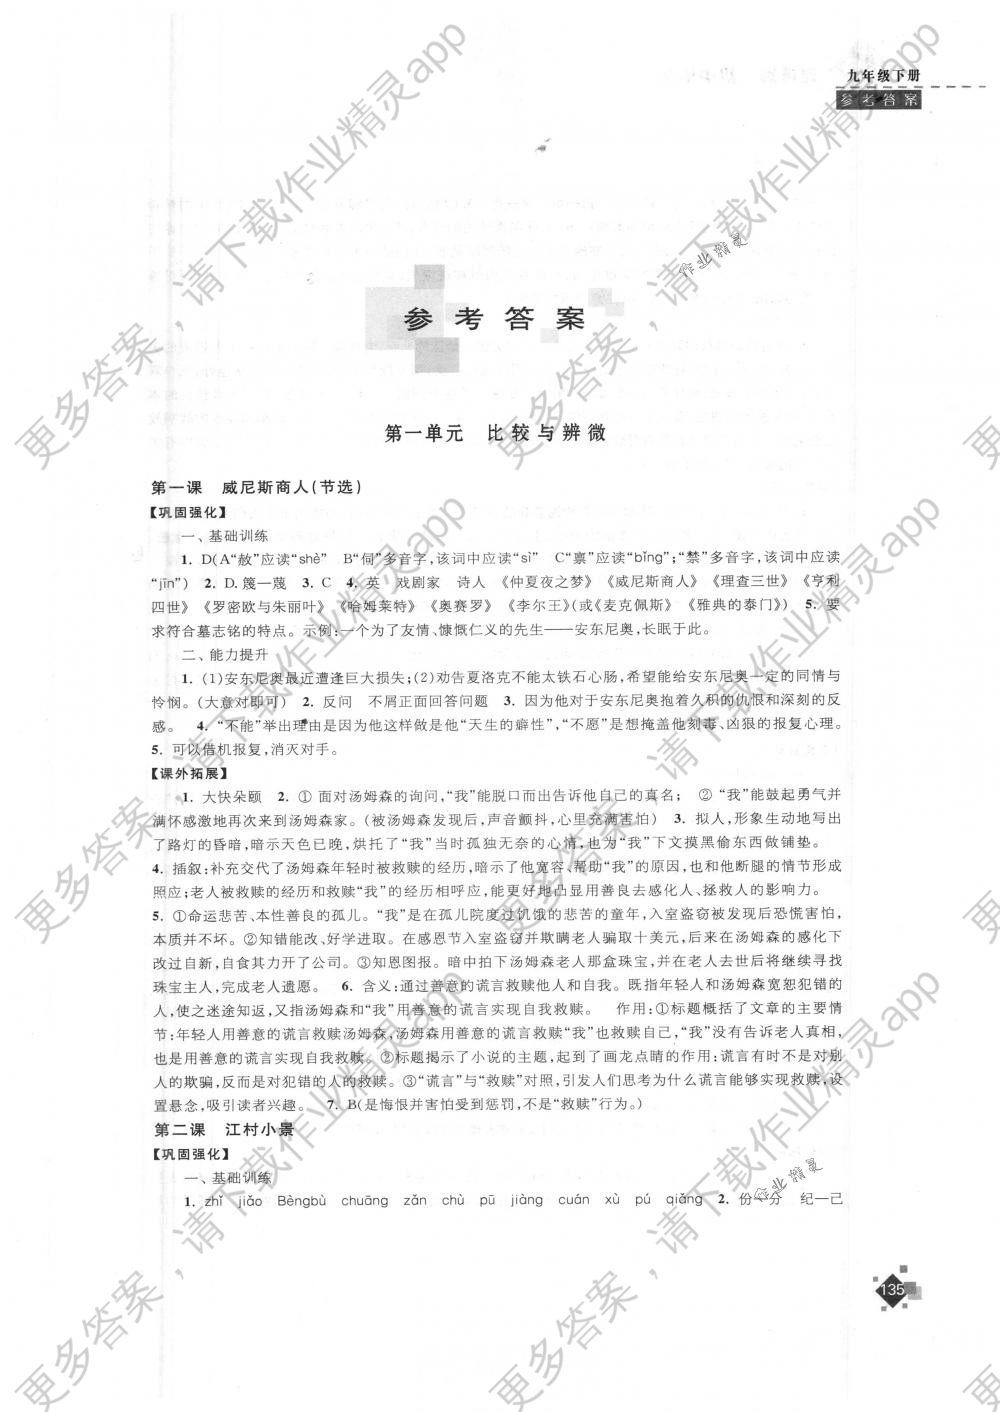 2018年课课练初中语文九年级下册苏教版 第1页